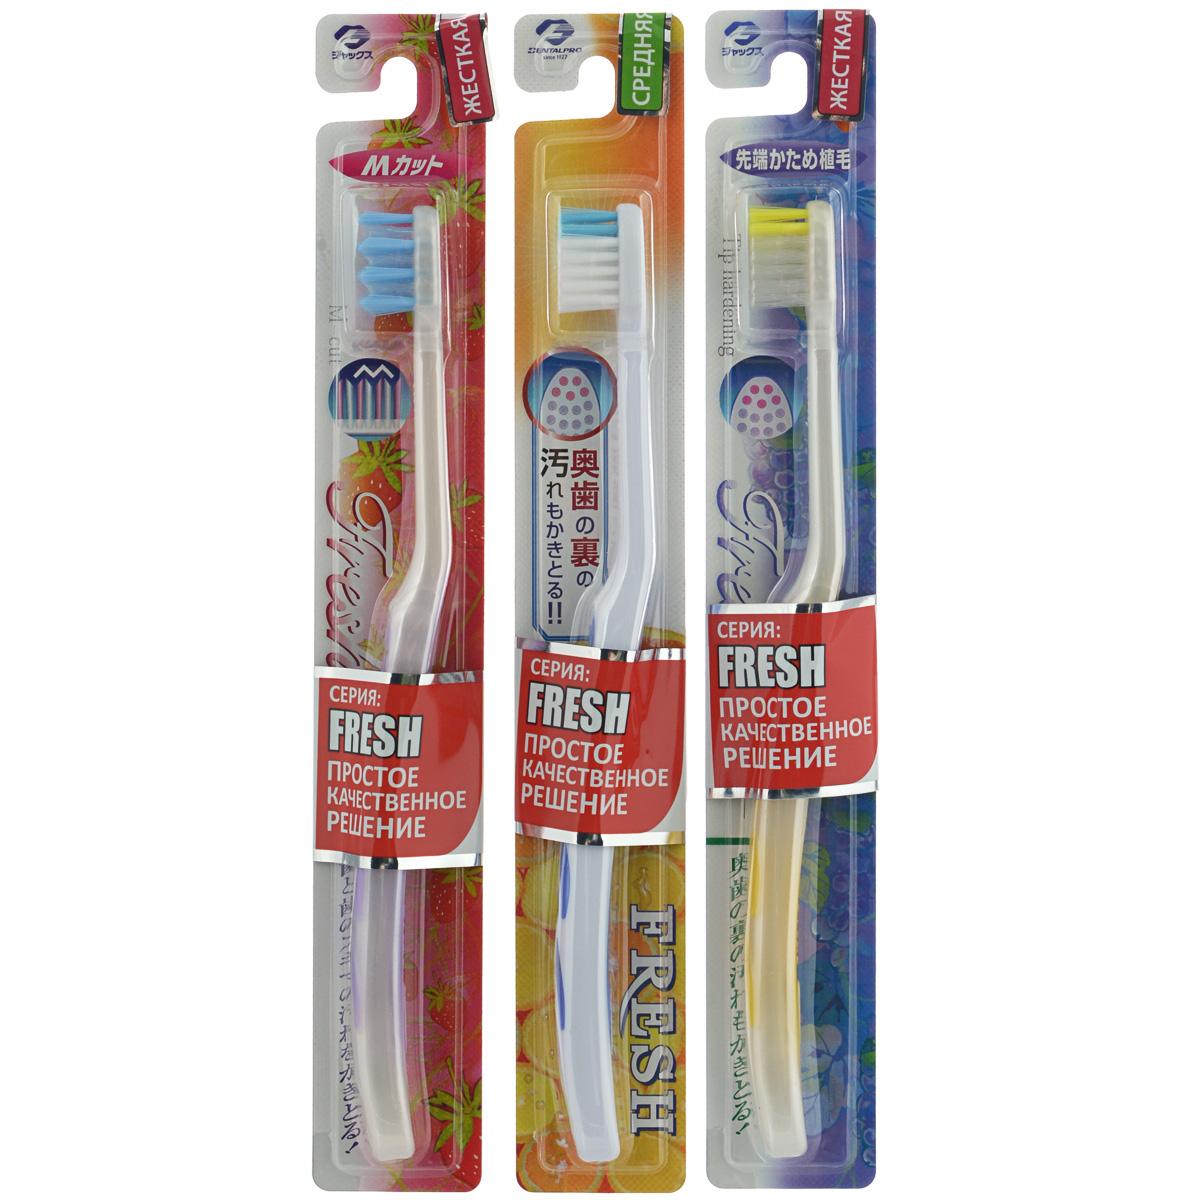 Dentalpro Набор: Зубная щетка Fresh жесткая 1шт,Зубная щетка Fresh жесткая 1шт,Зубная щетка Fresh средней жесткости 1шт